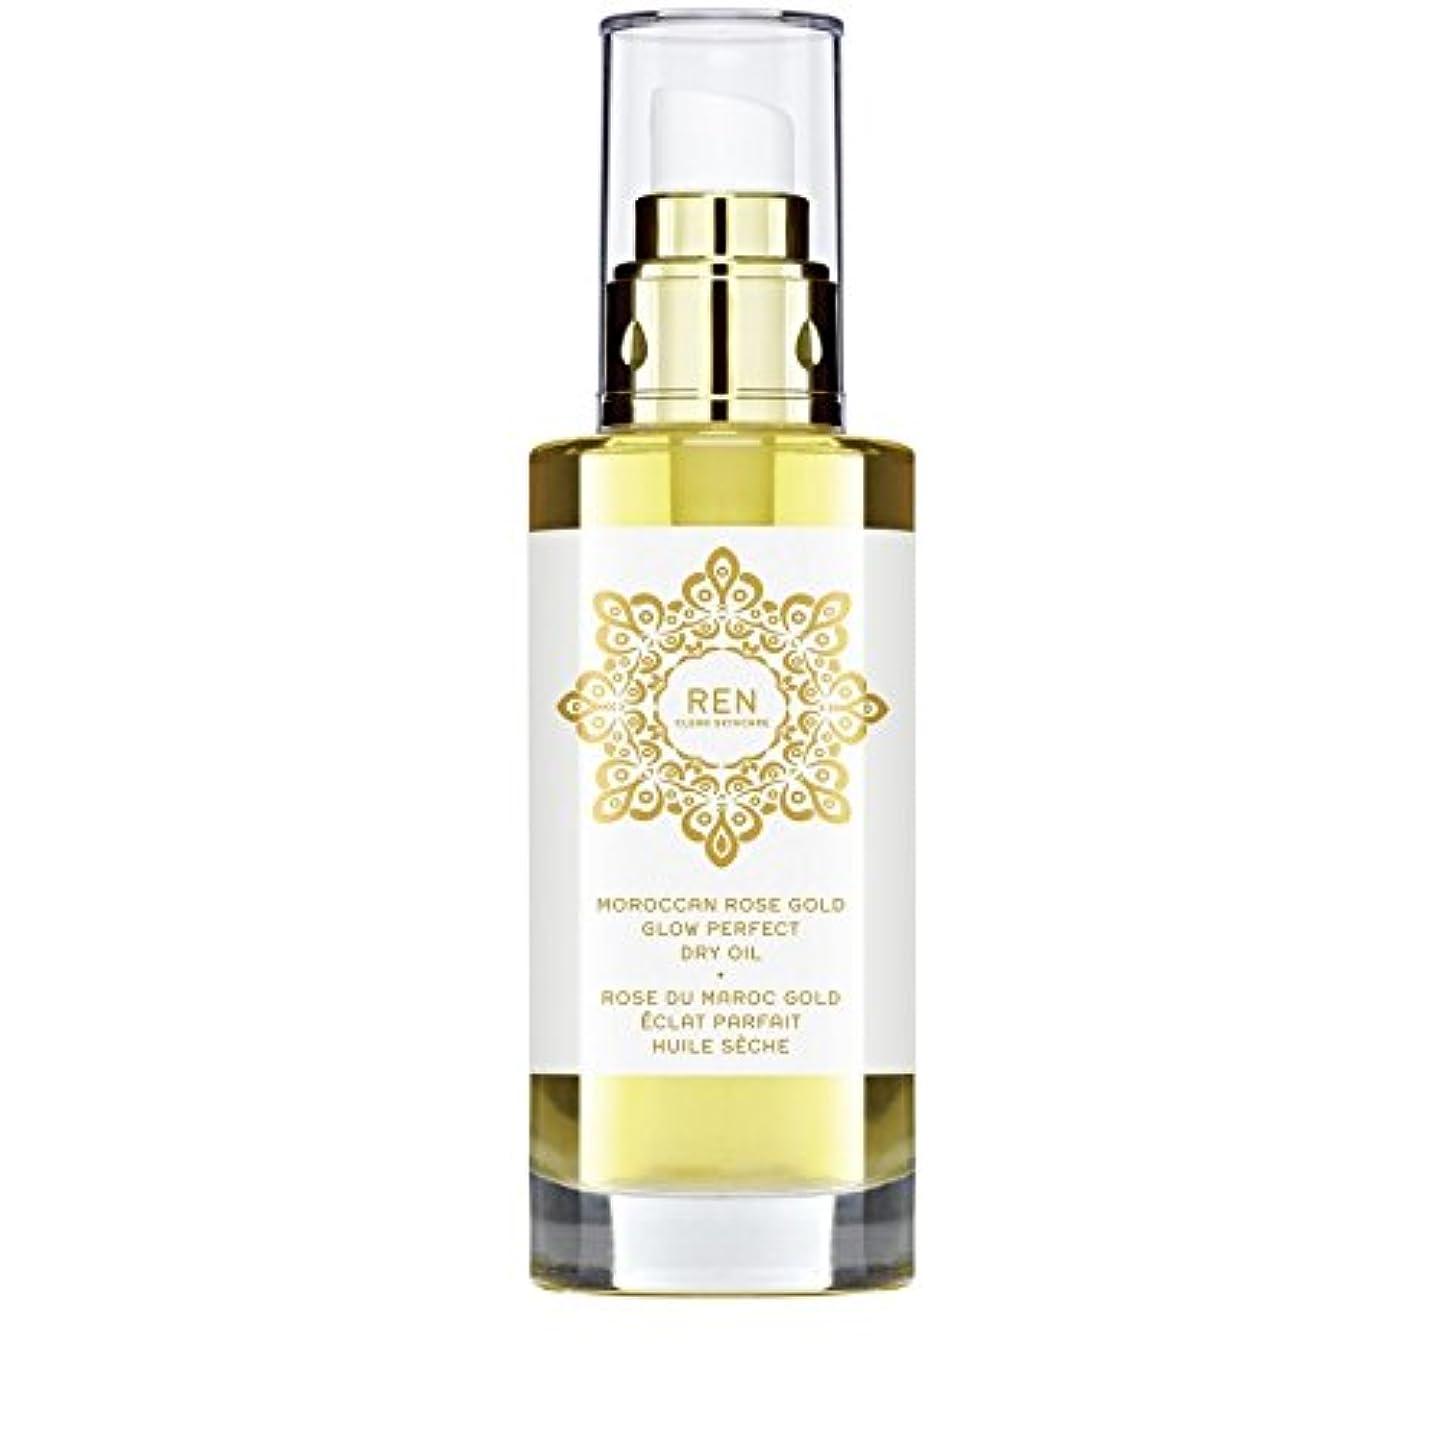 バリケード後退するツーリストREN Moroccan Rose Gold Glow Perfect Dry Oil 100ml (Pack of 6) - モロッコは金が完璧なドライオイル100ミリリットルグローバラ x6 [並行輸入品]